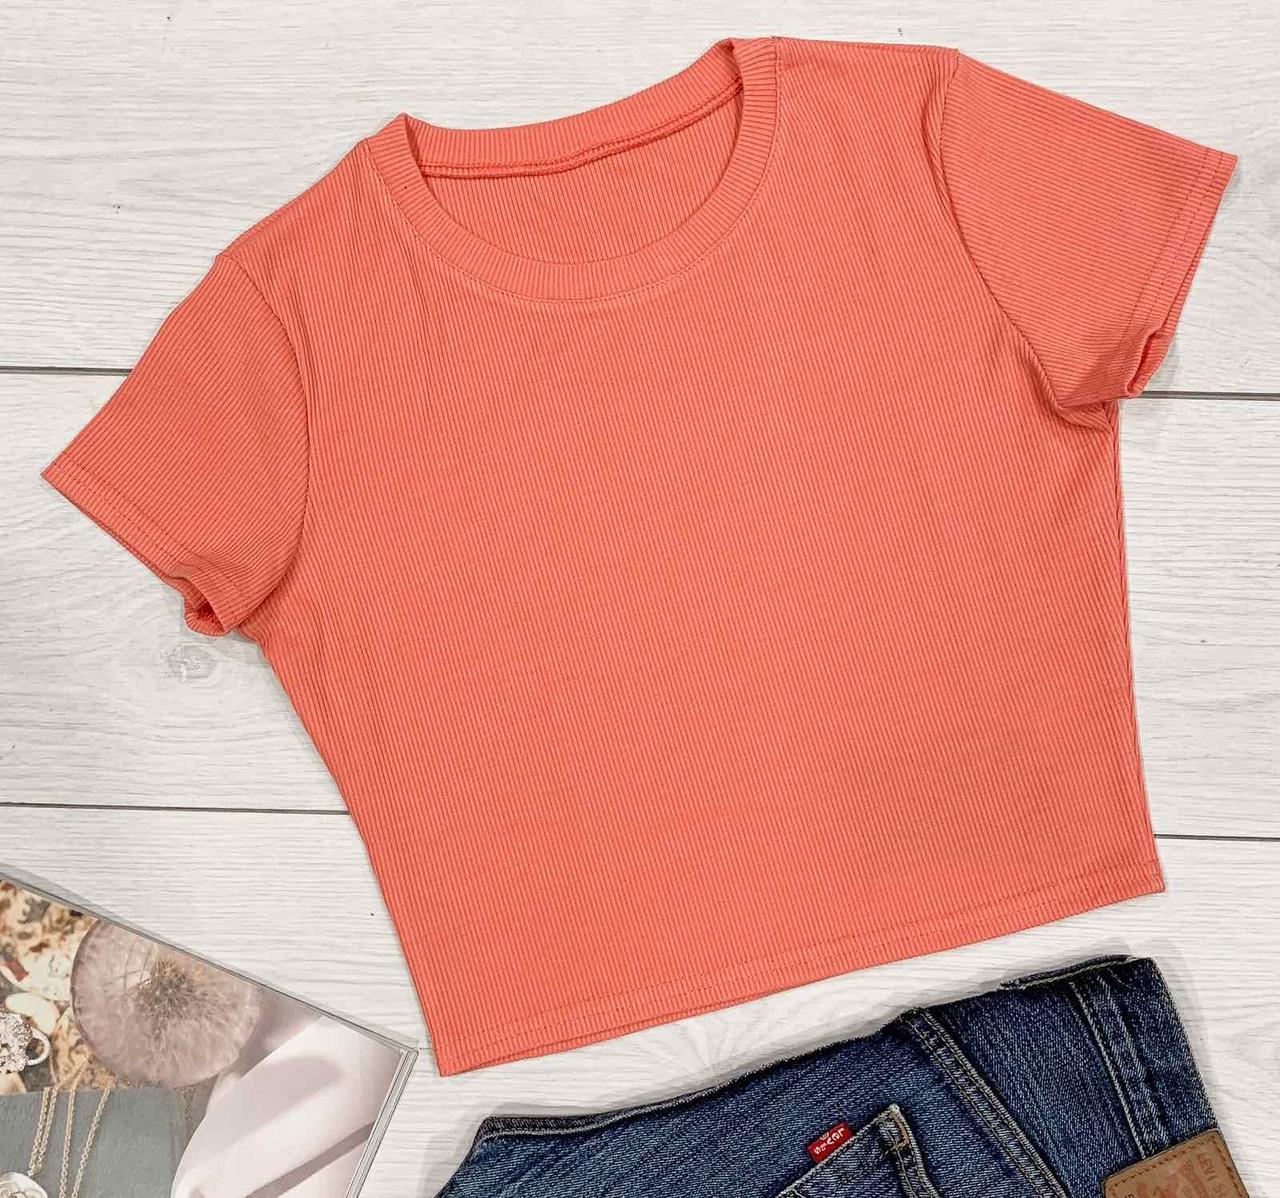 Футболка женская на лето персикового цвета.